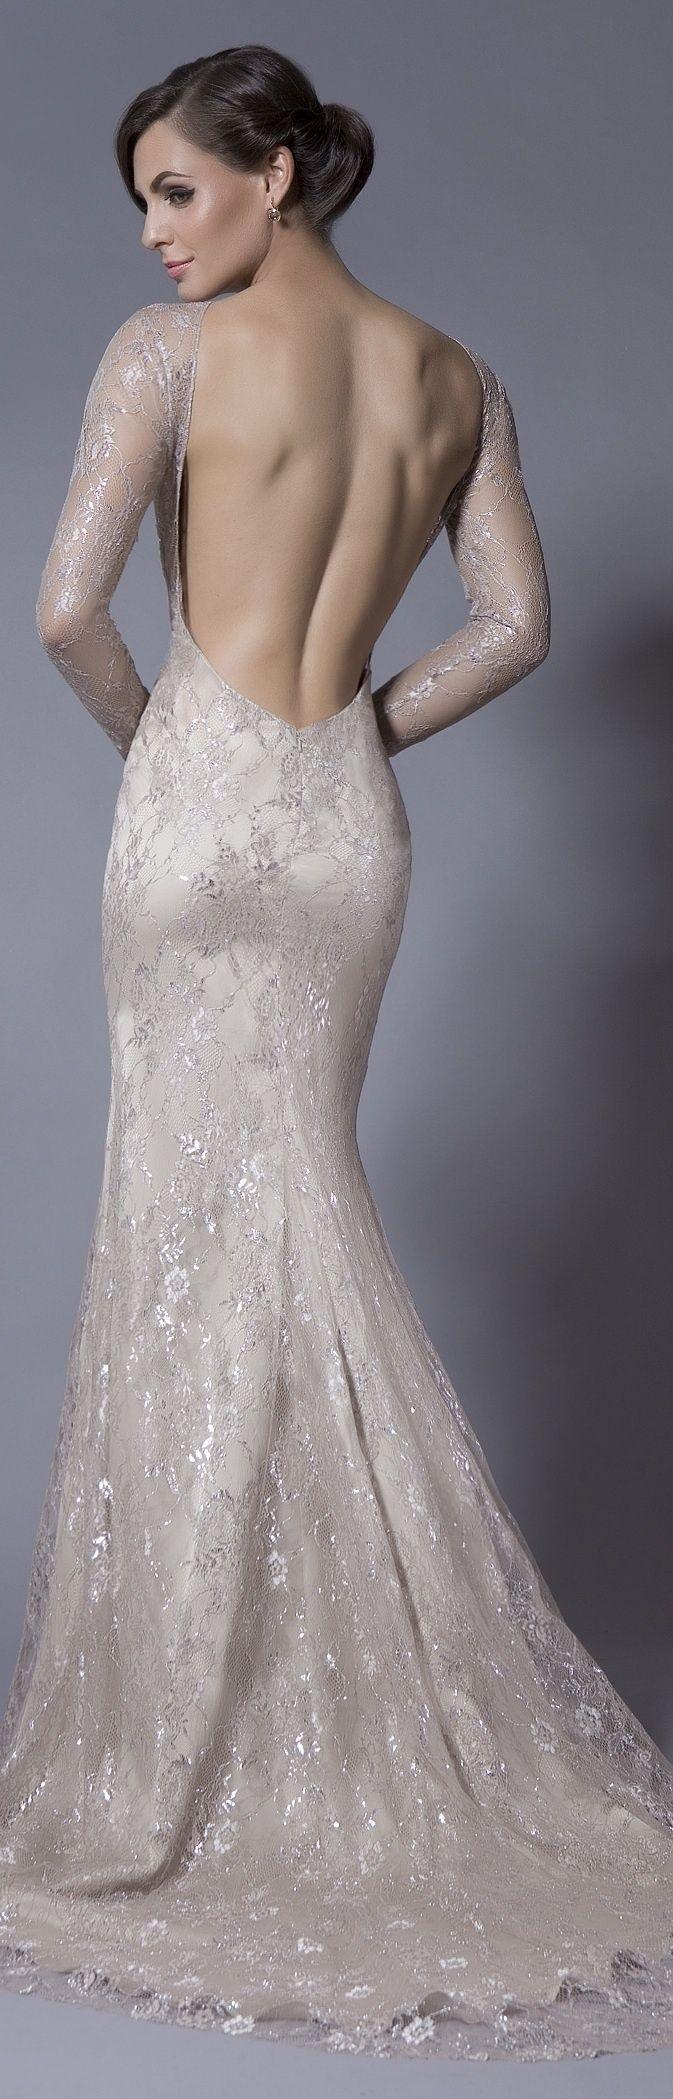 Hochzeitskleider - Bien Savvy Hochzeitskleid #2066126 - Weddbook